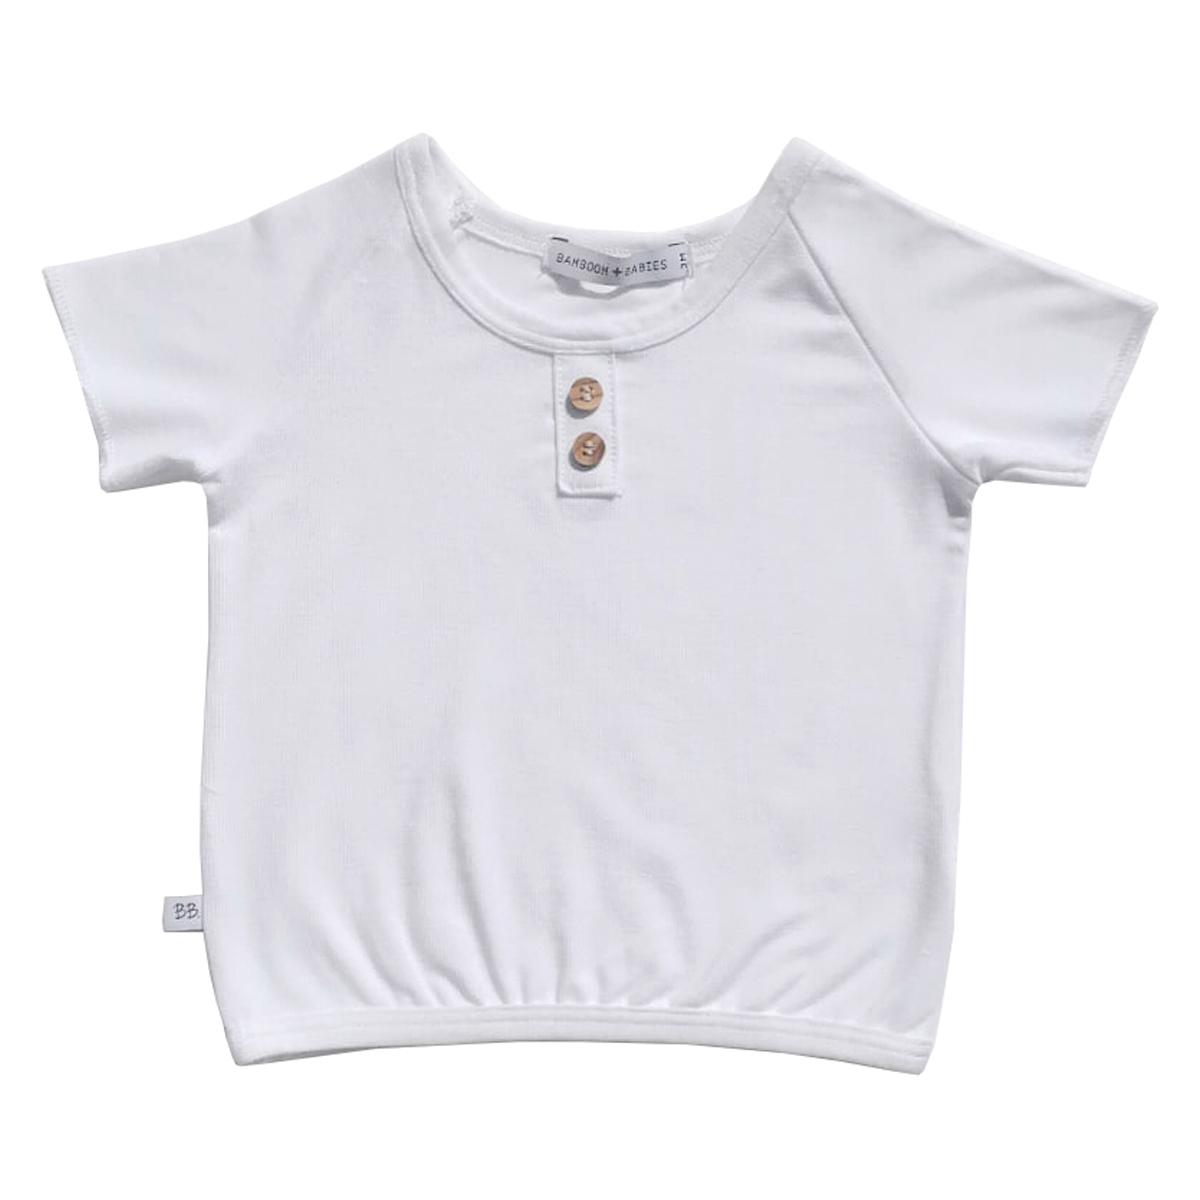 Haut bébé Tee-Shirt Blanc - 9/12 Mois Tee-Shirt Blanc - 9/12 Mois